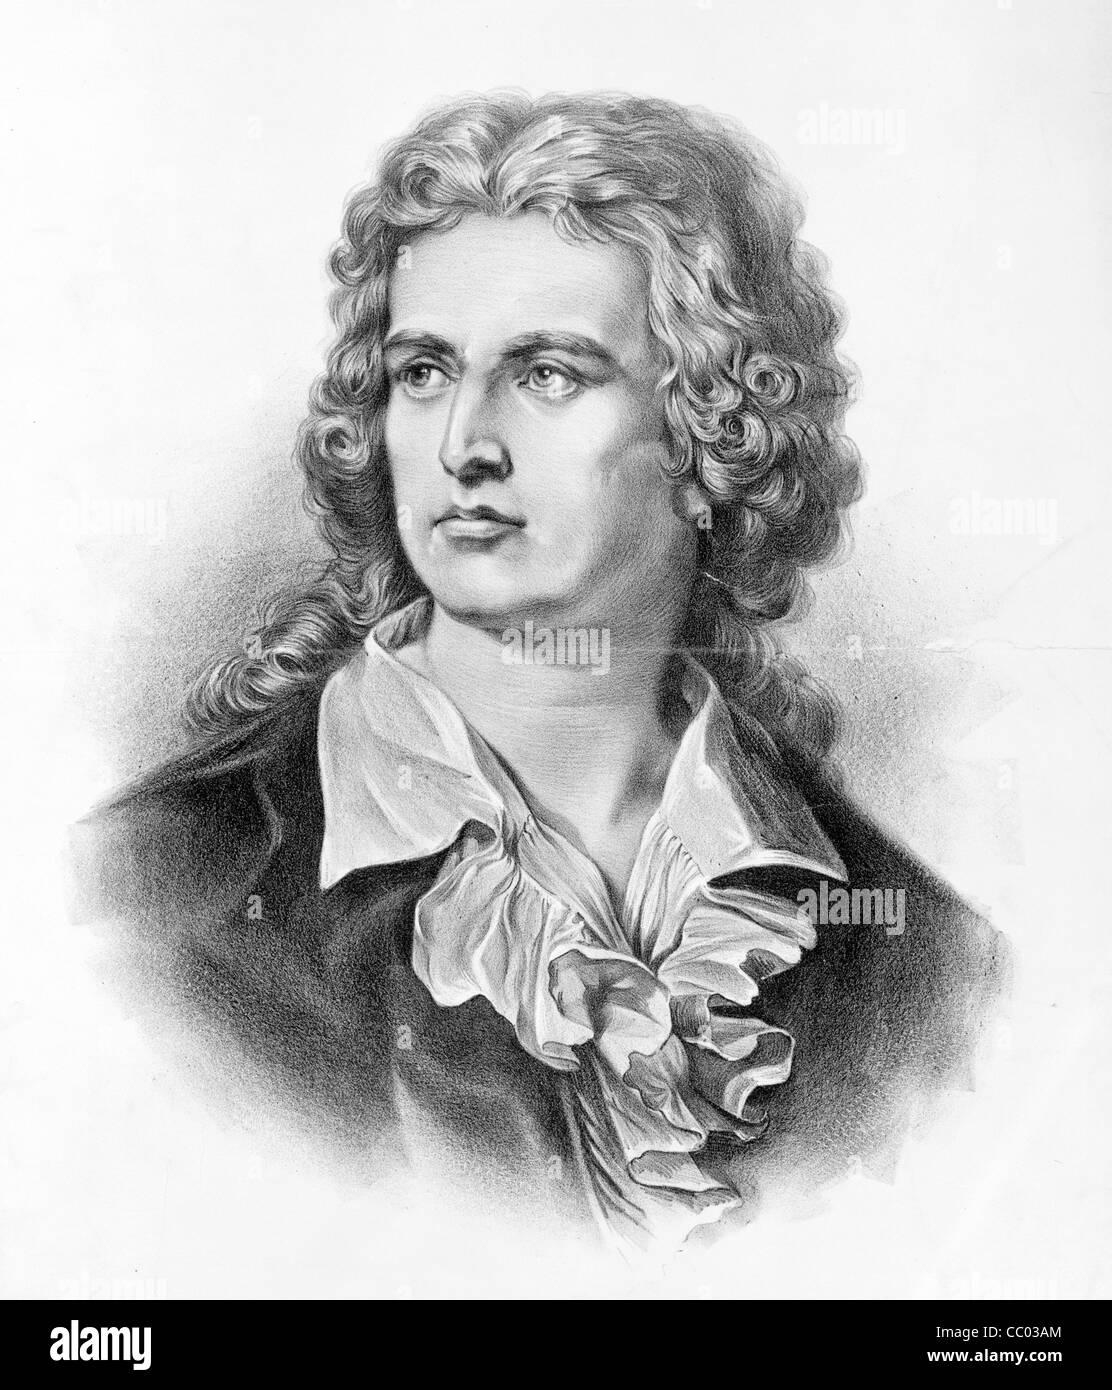 Johann Christoph Friedrich von Schiller, German poet, philosopher, historian, and playwright. - Stock Image